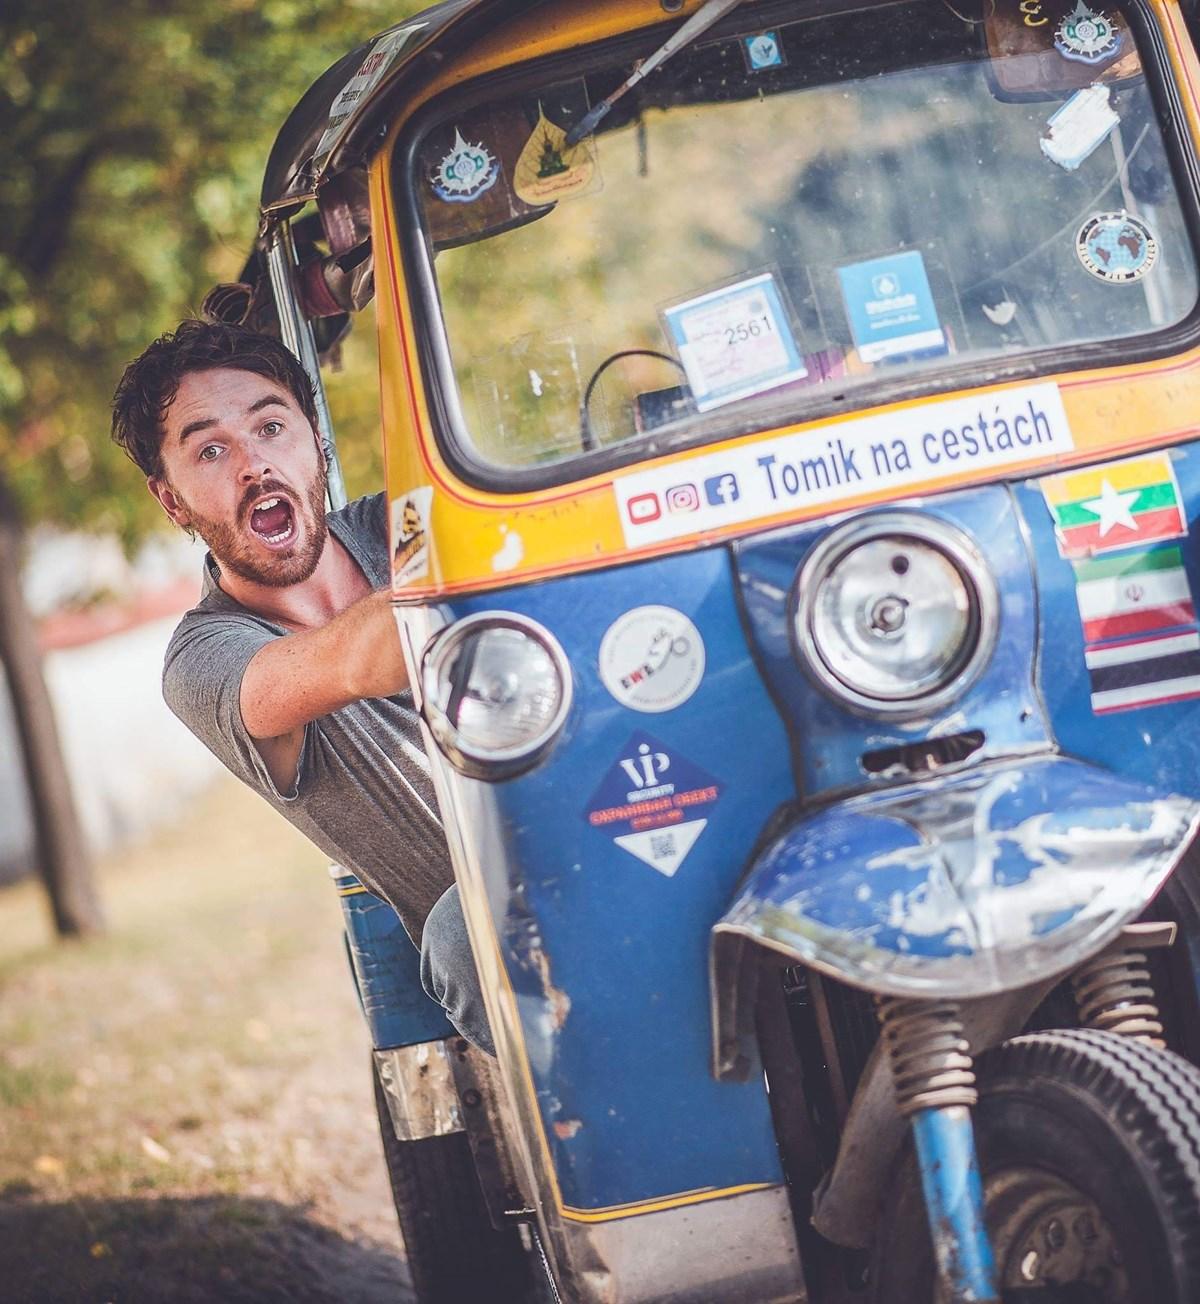 Tuktukem z Thajska až na Moravu s Tomíkem / Žďár nad Sázavou